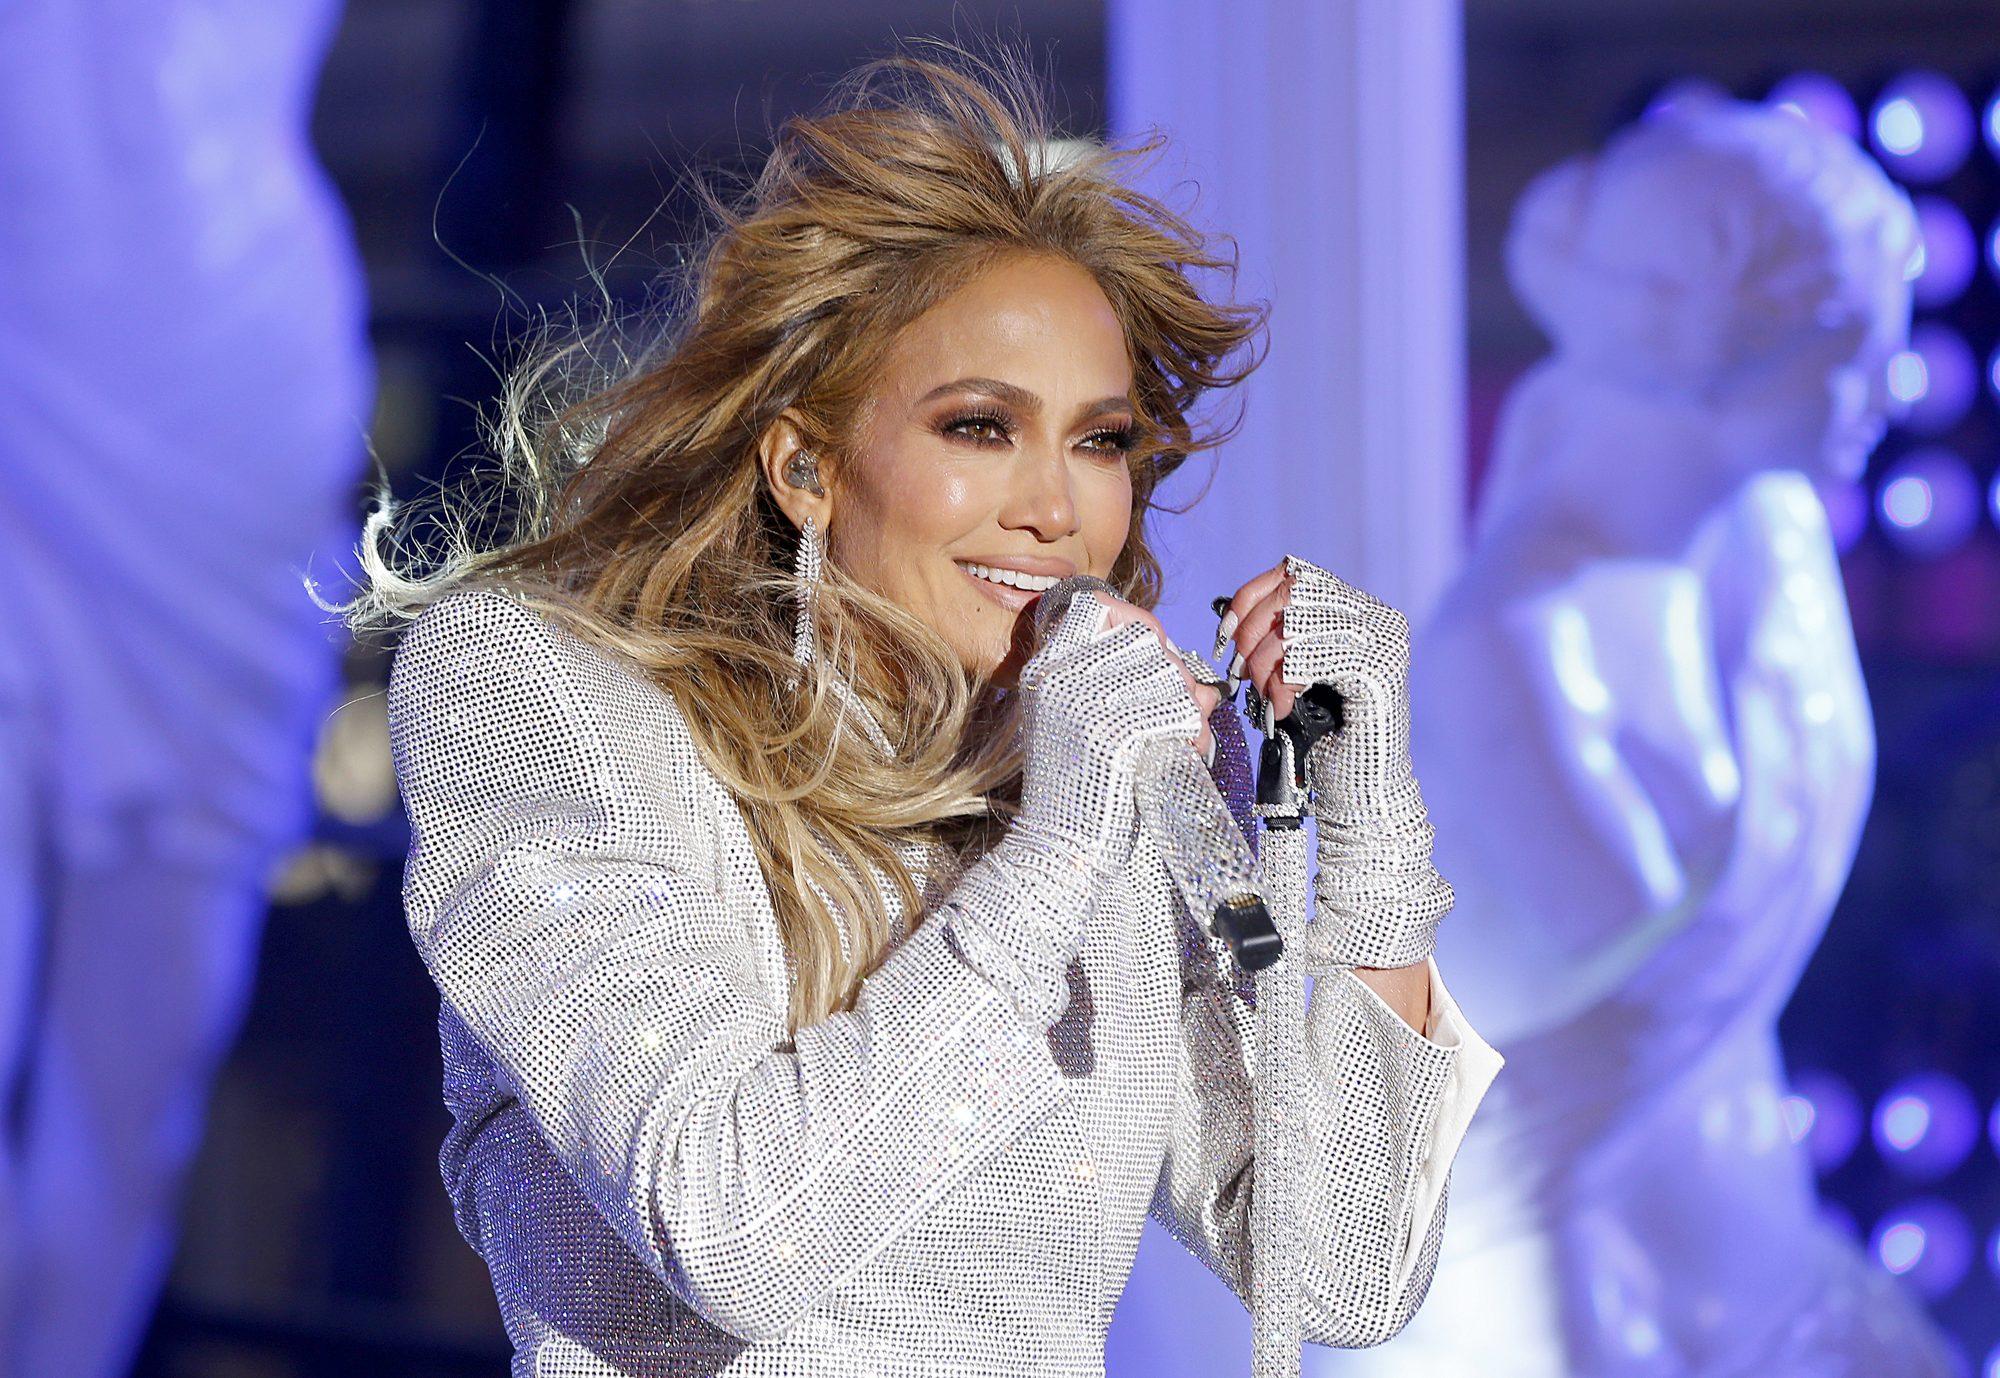 Jennifer Lopez con cabello corto, corte pixie, portada revista Allure, celebracion fin de año, Time Squares, new York